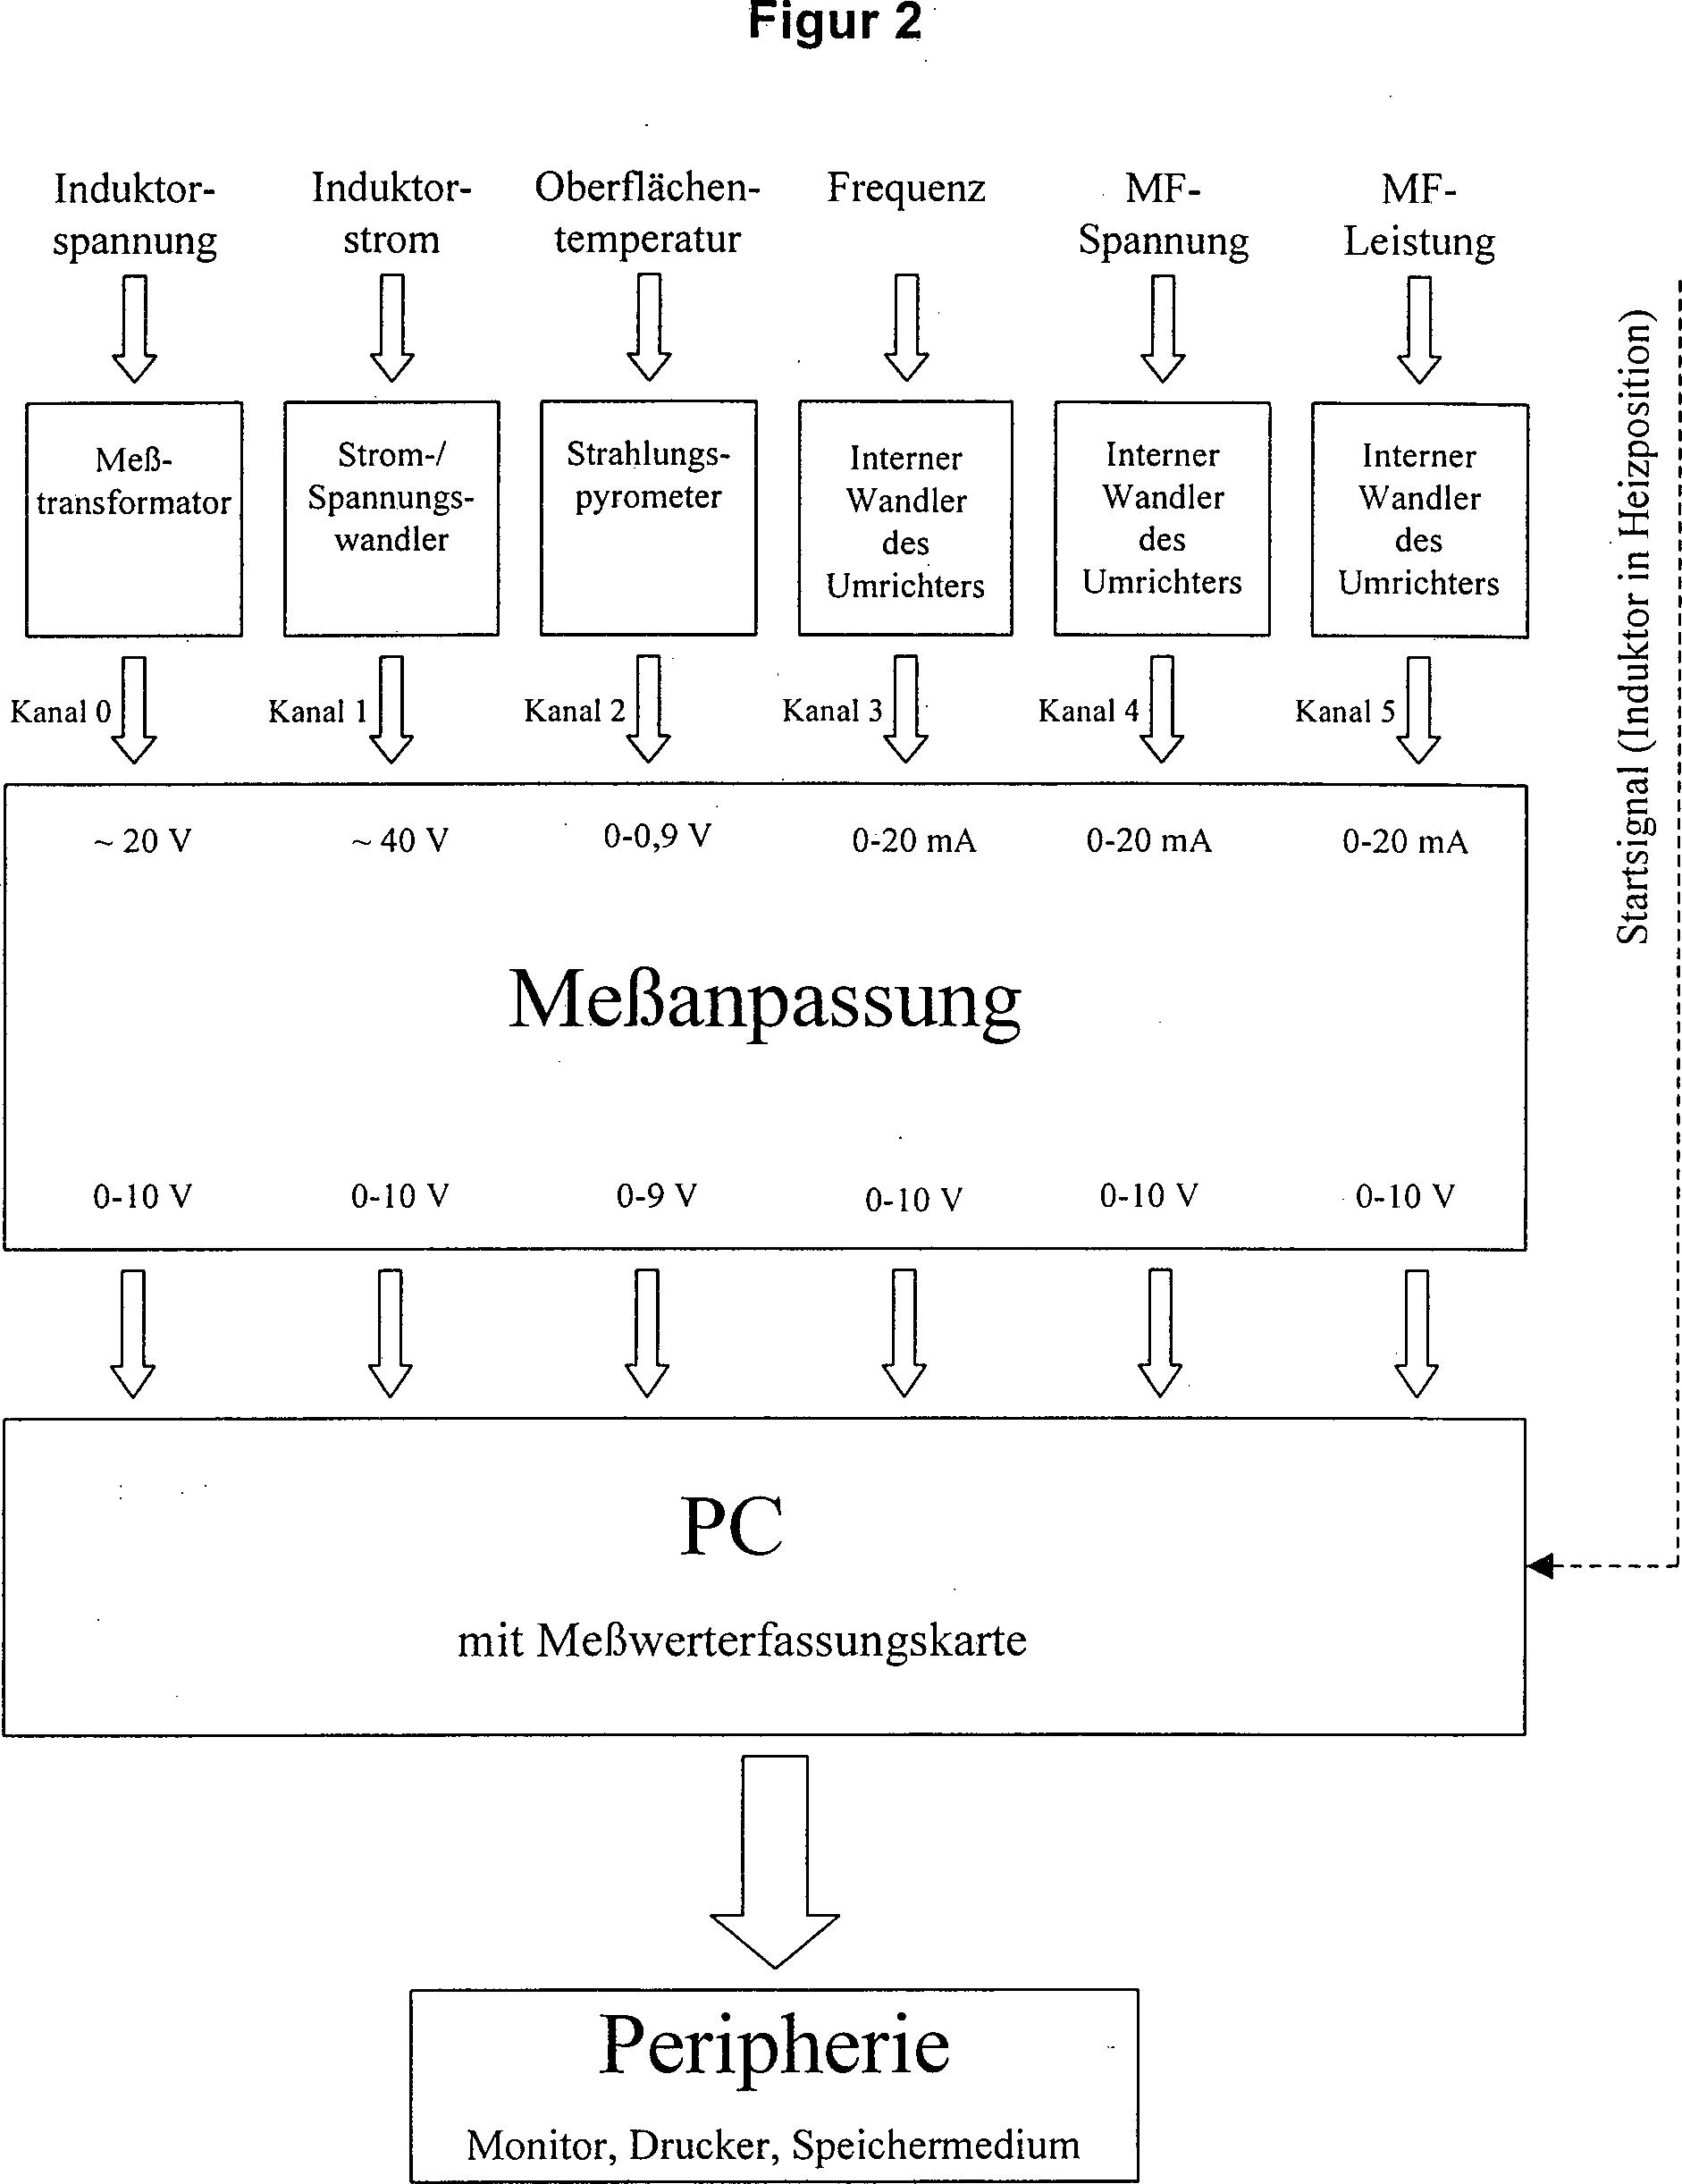 Wunderbar Gm Interner Regler Schaltplan Ideen - Der Schaltplan ...